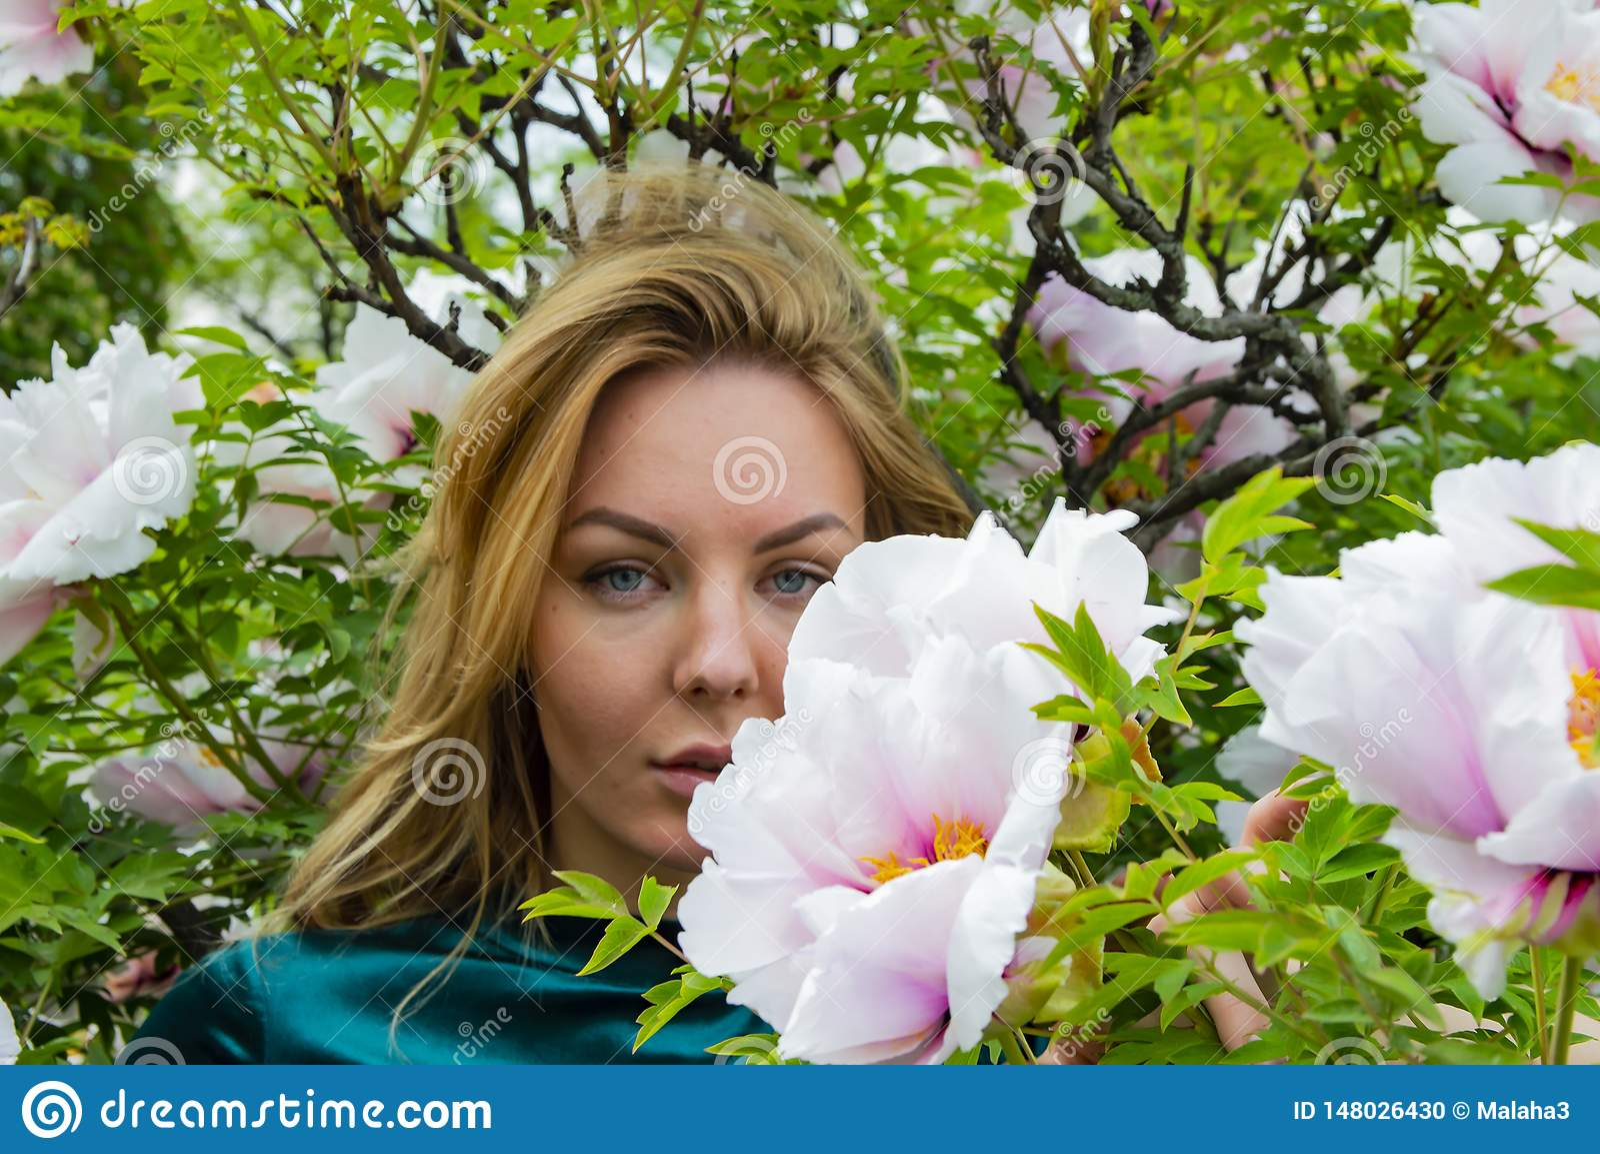 Blondemeisje op een achtergrond van bloemen van de boompioen